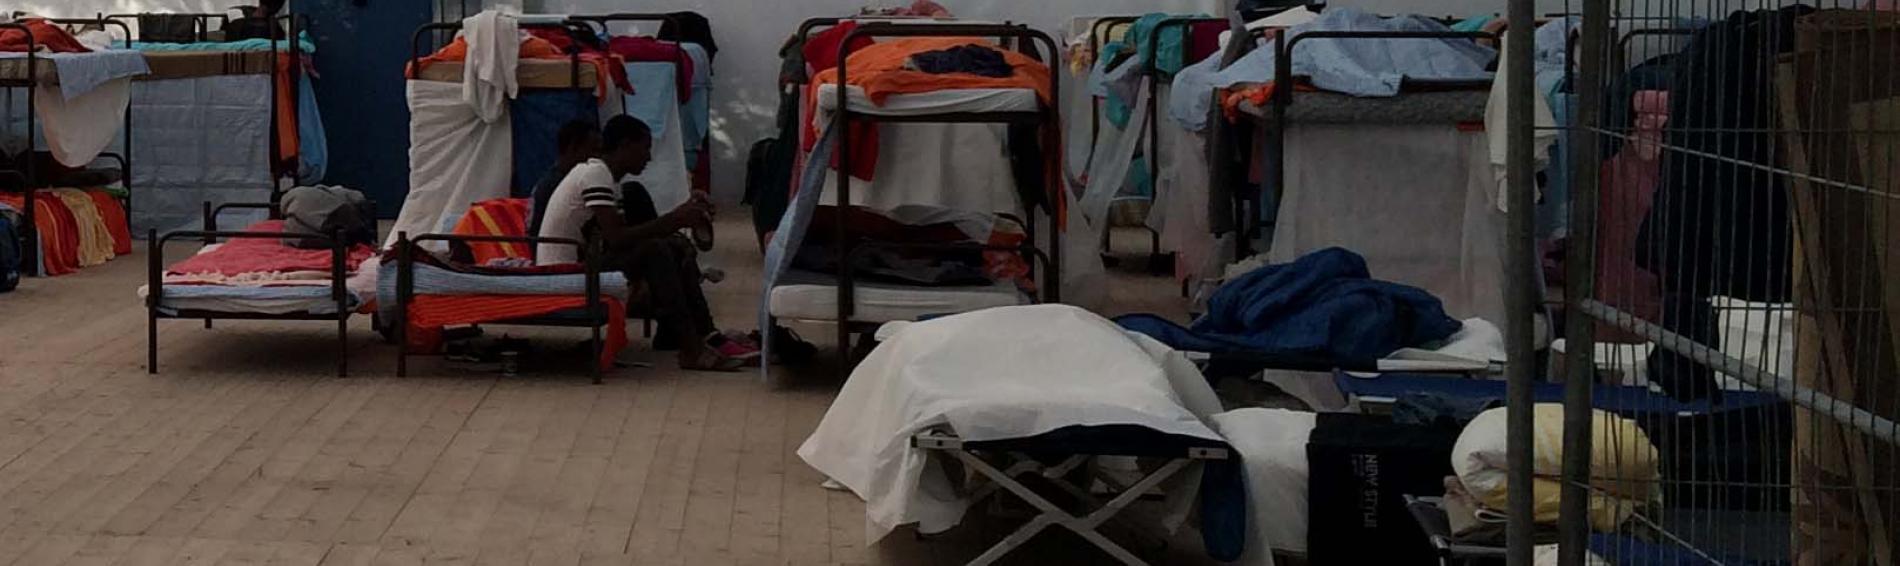 Flüchtlinge aus Deutschland sollen nach Griechenland zurückgebracht werden. Foto: Ärzte der Welt